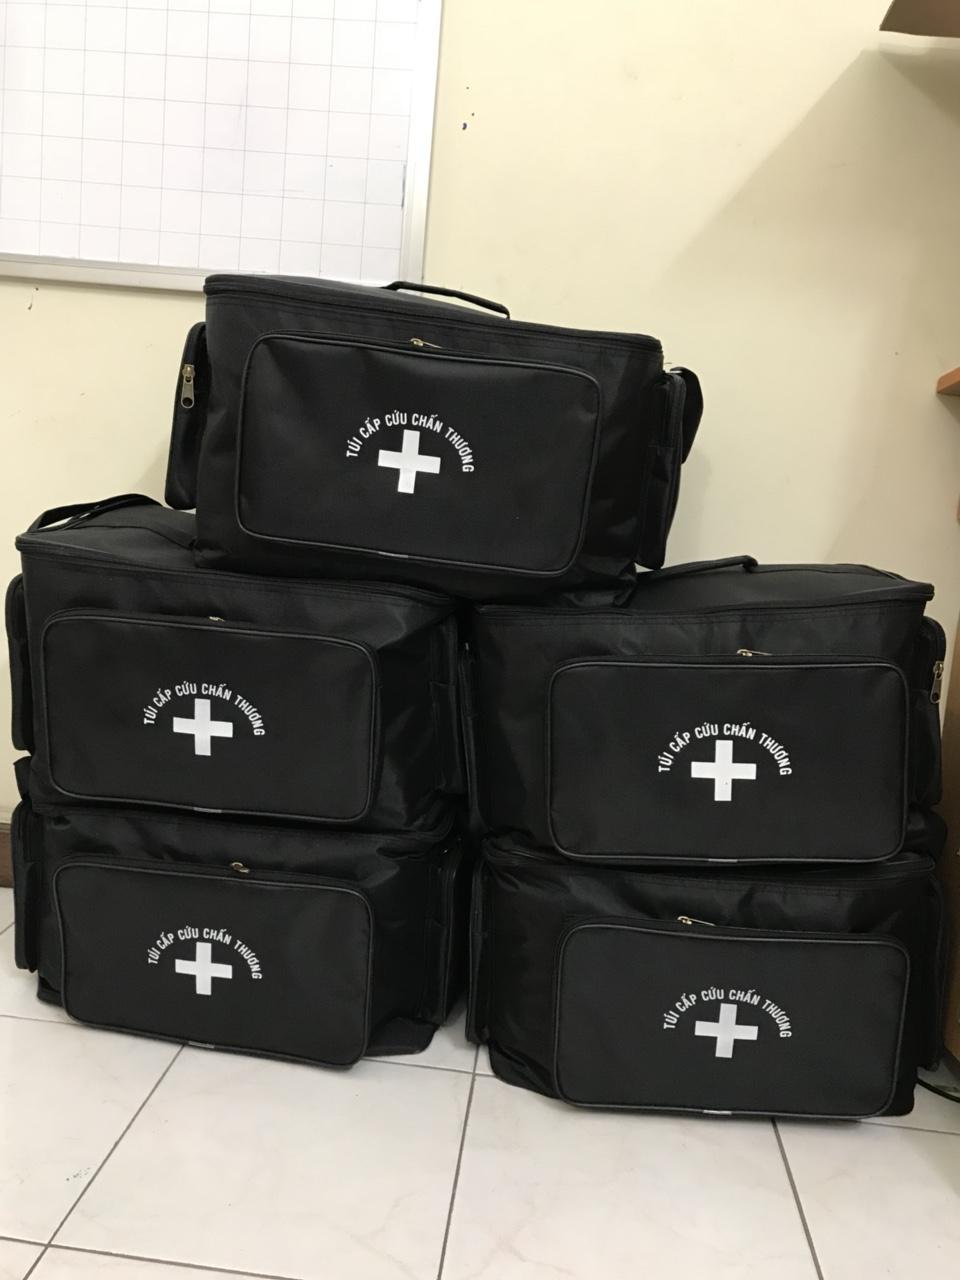 Túi cứu thương TT09 của Bộ y tế nhập khẩu